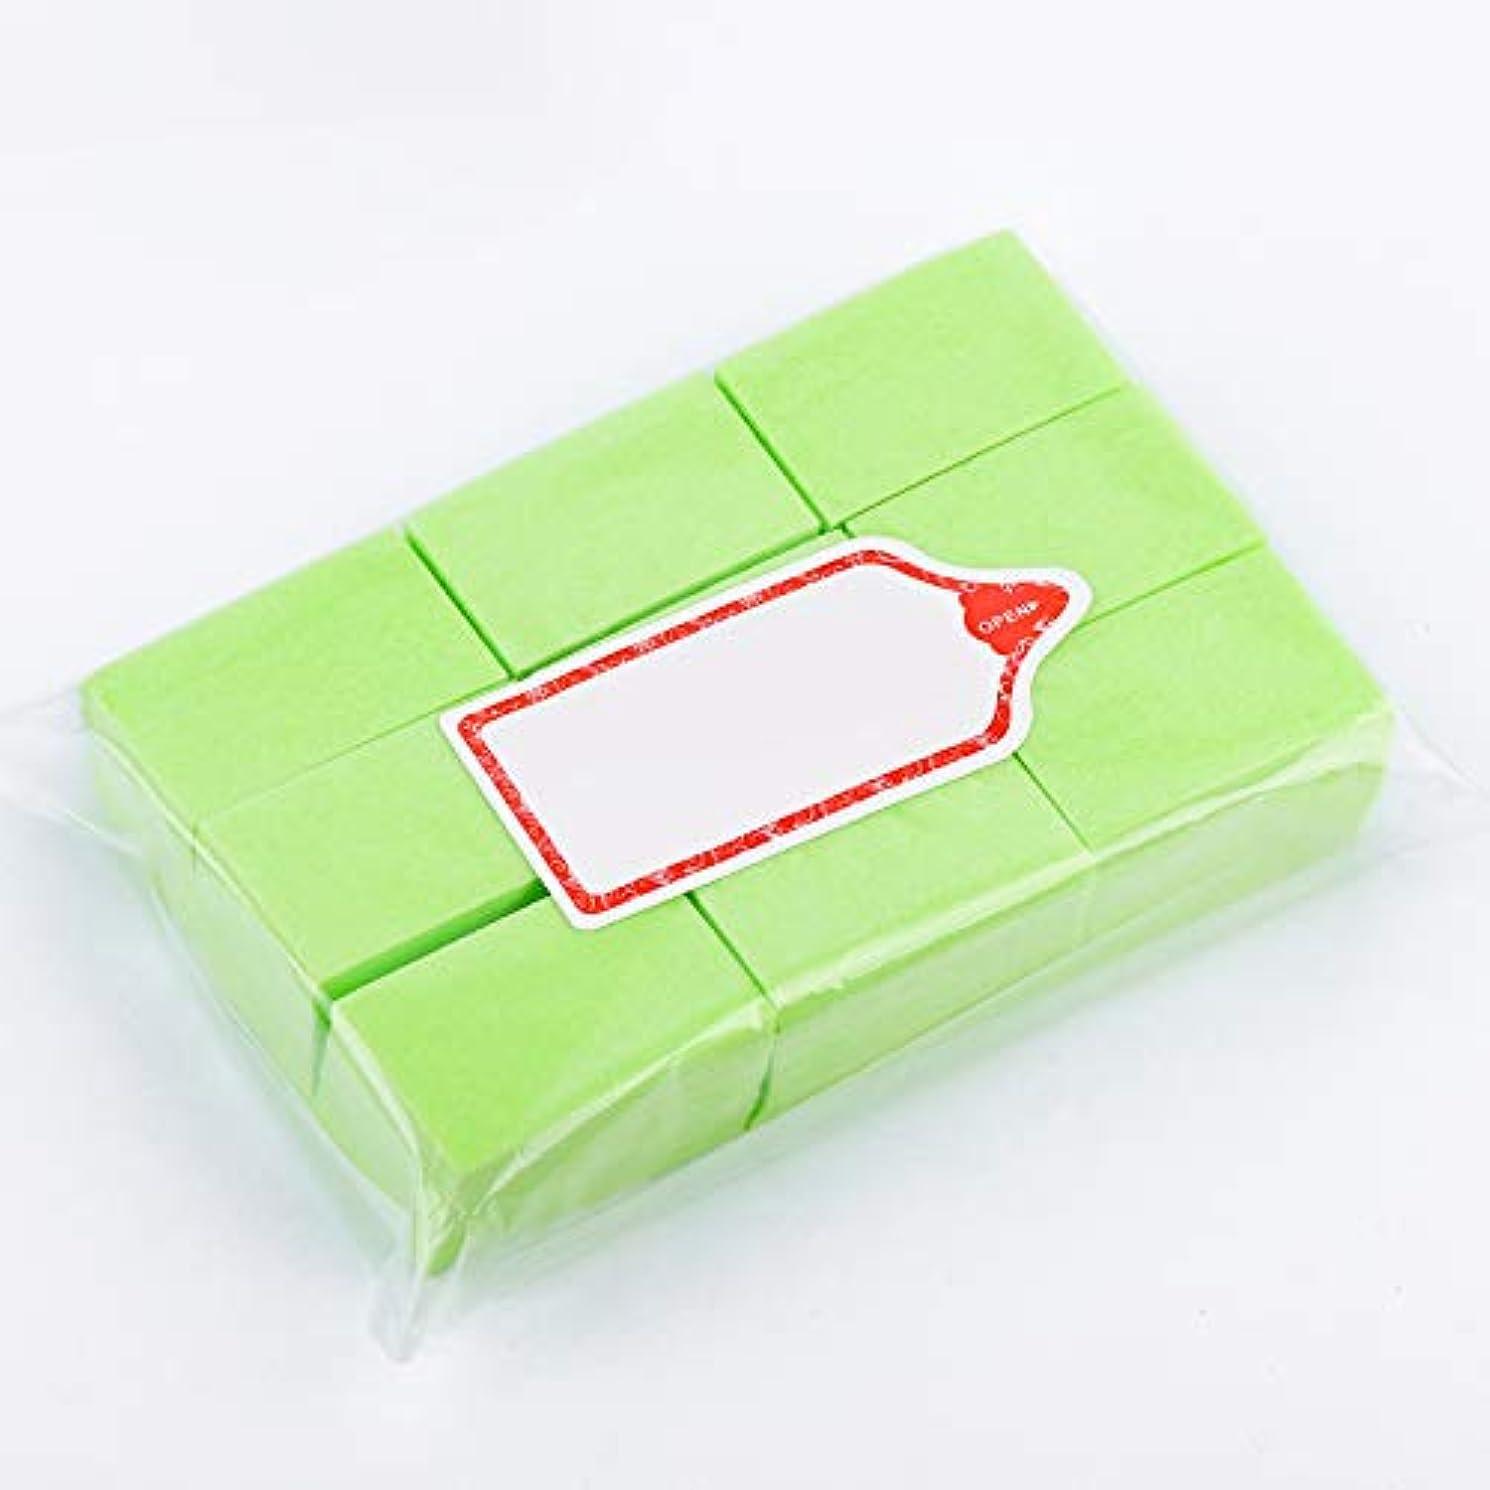 熱帯のバリア猛烈なLWBTOSEE ネイルワイプ コットンパッド 綿繊維 クリーニングパッド リムーバーワイプ 柔らかい 安全無毒 600枚入 全4色 (緑)